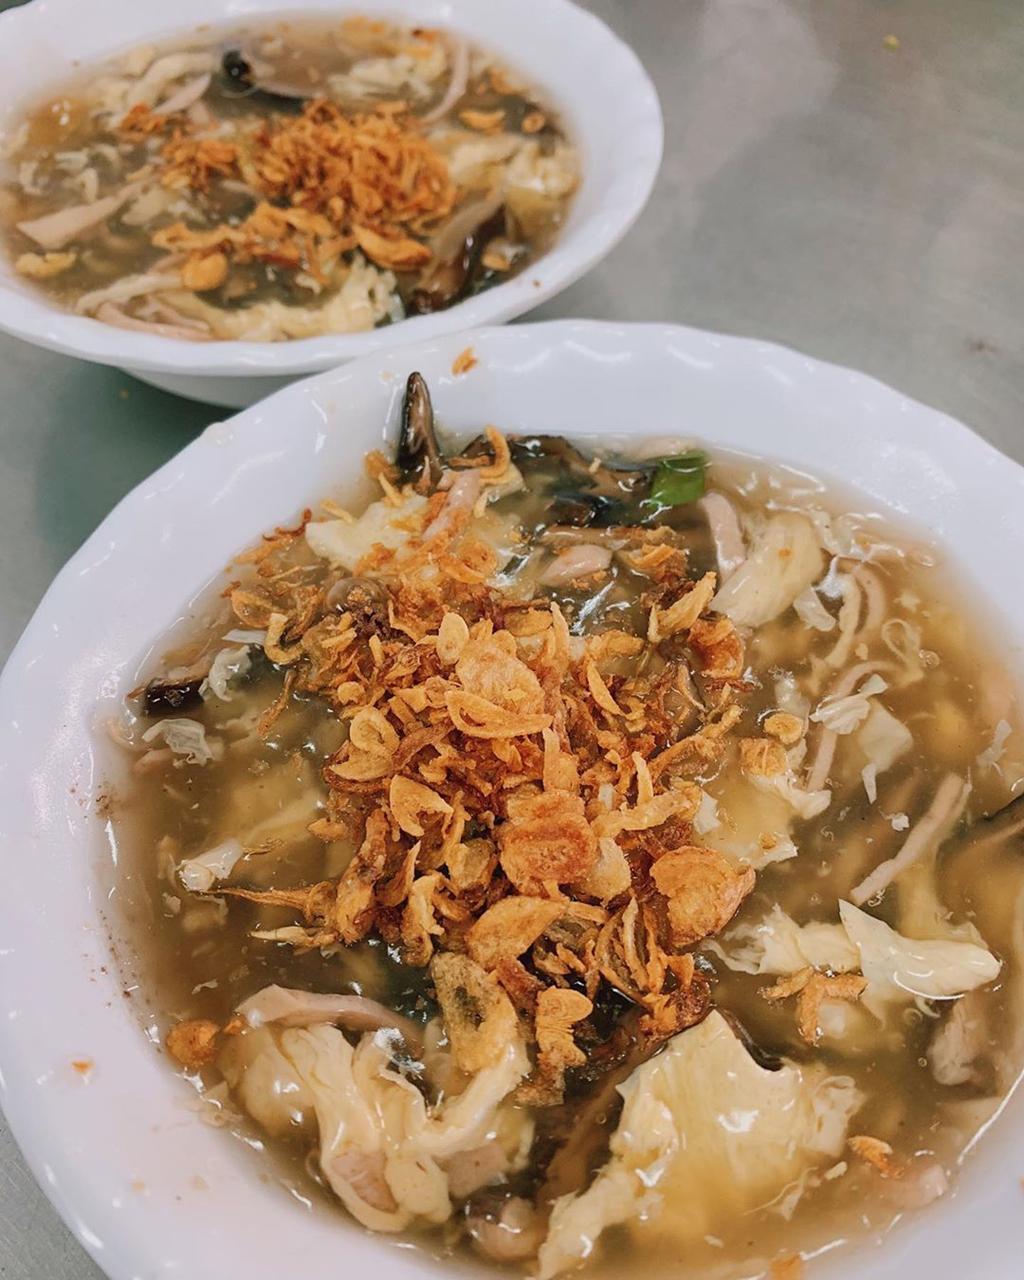 Toa do sup ngon cho ngay Ha Noi tro gio hinh anh 1